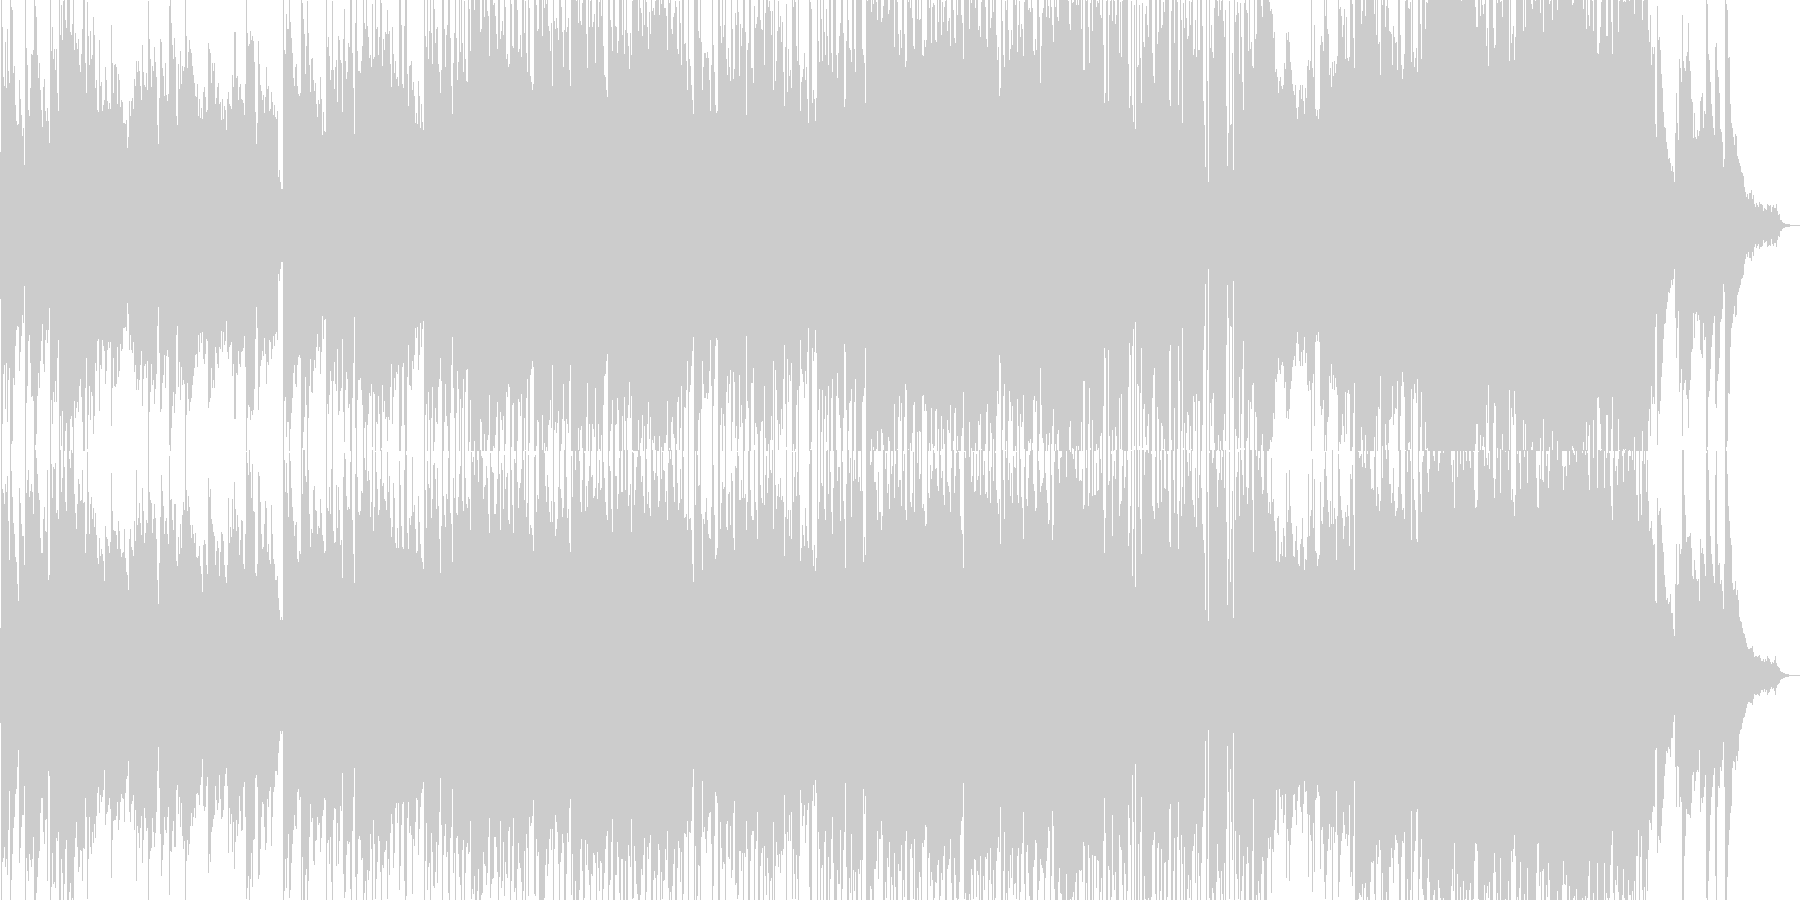 のびのびとした雰囲気のロックバラードの未再生の波形